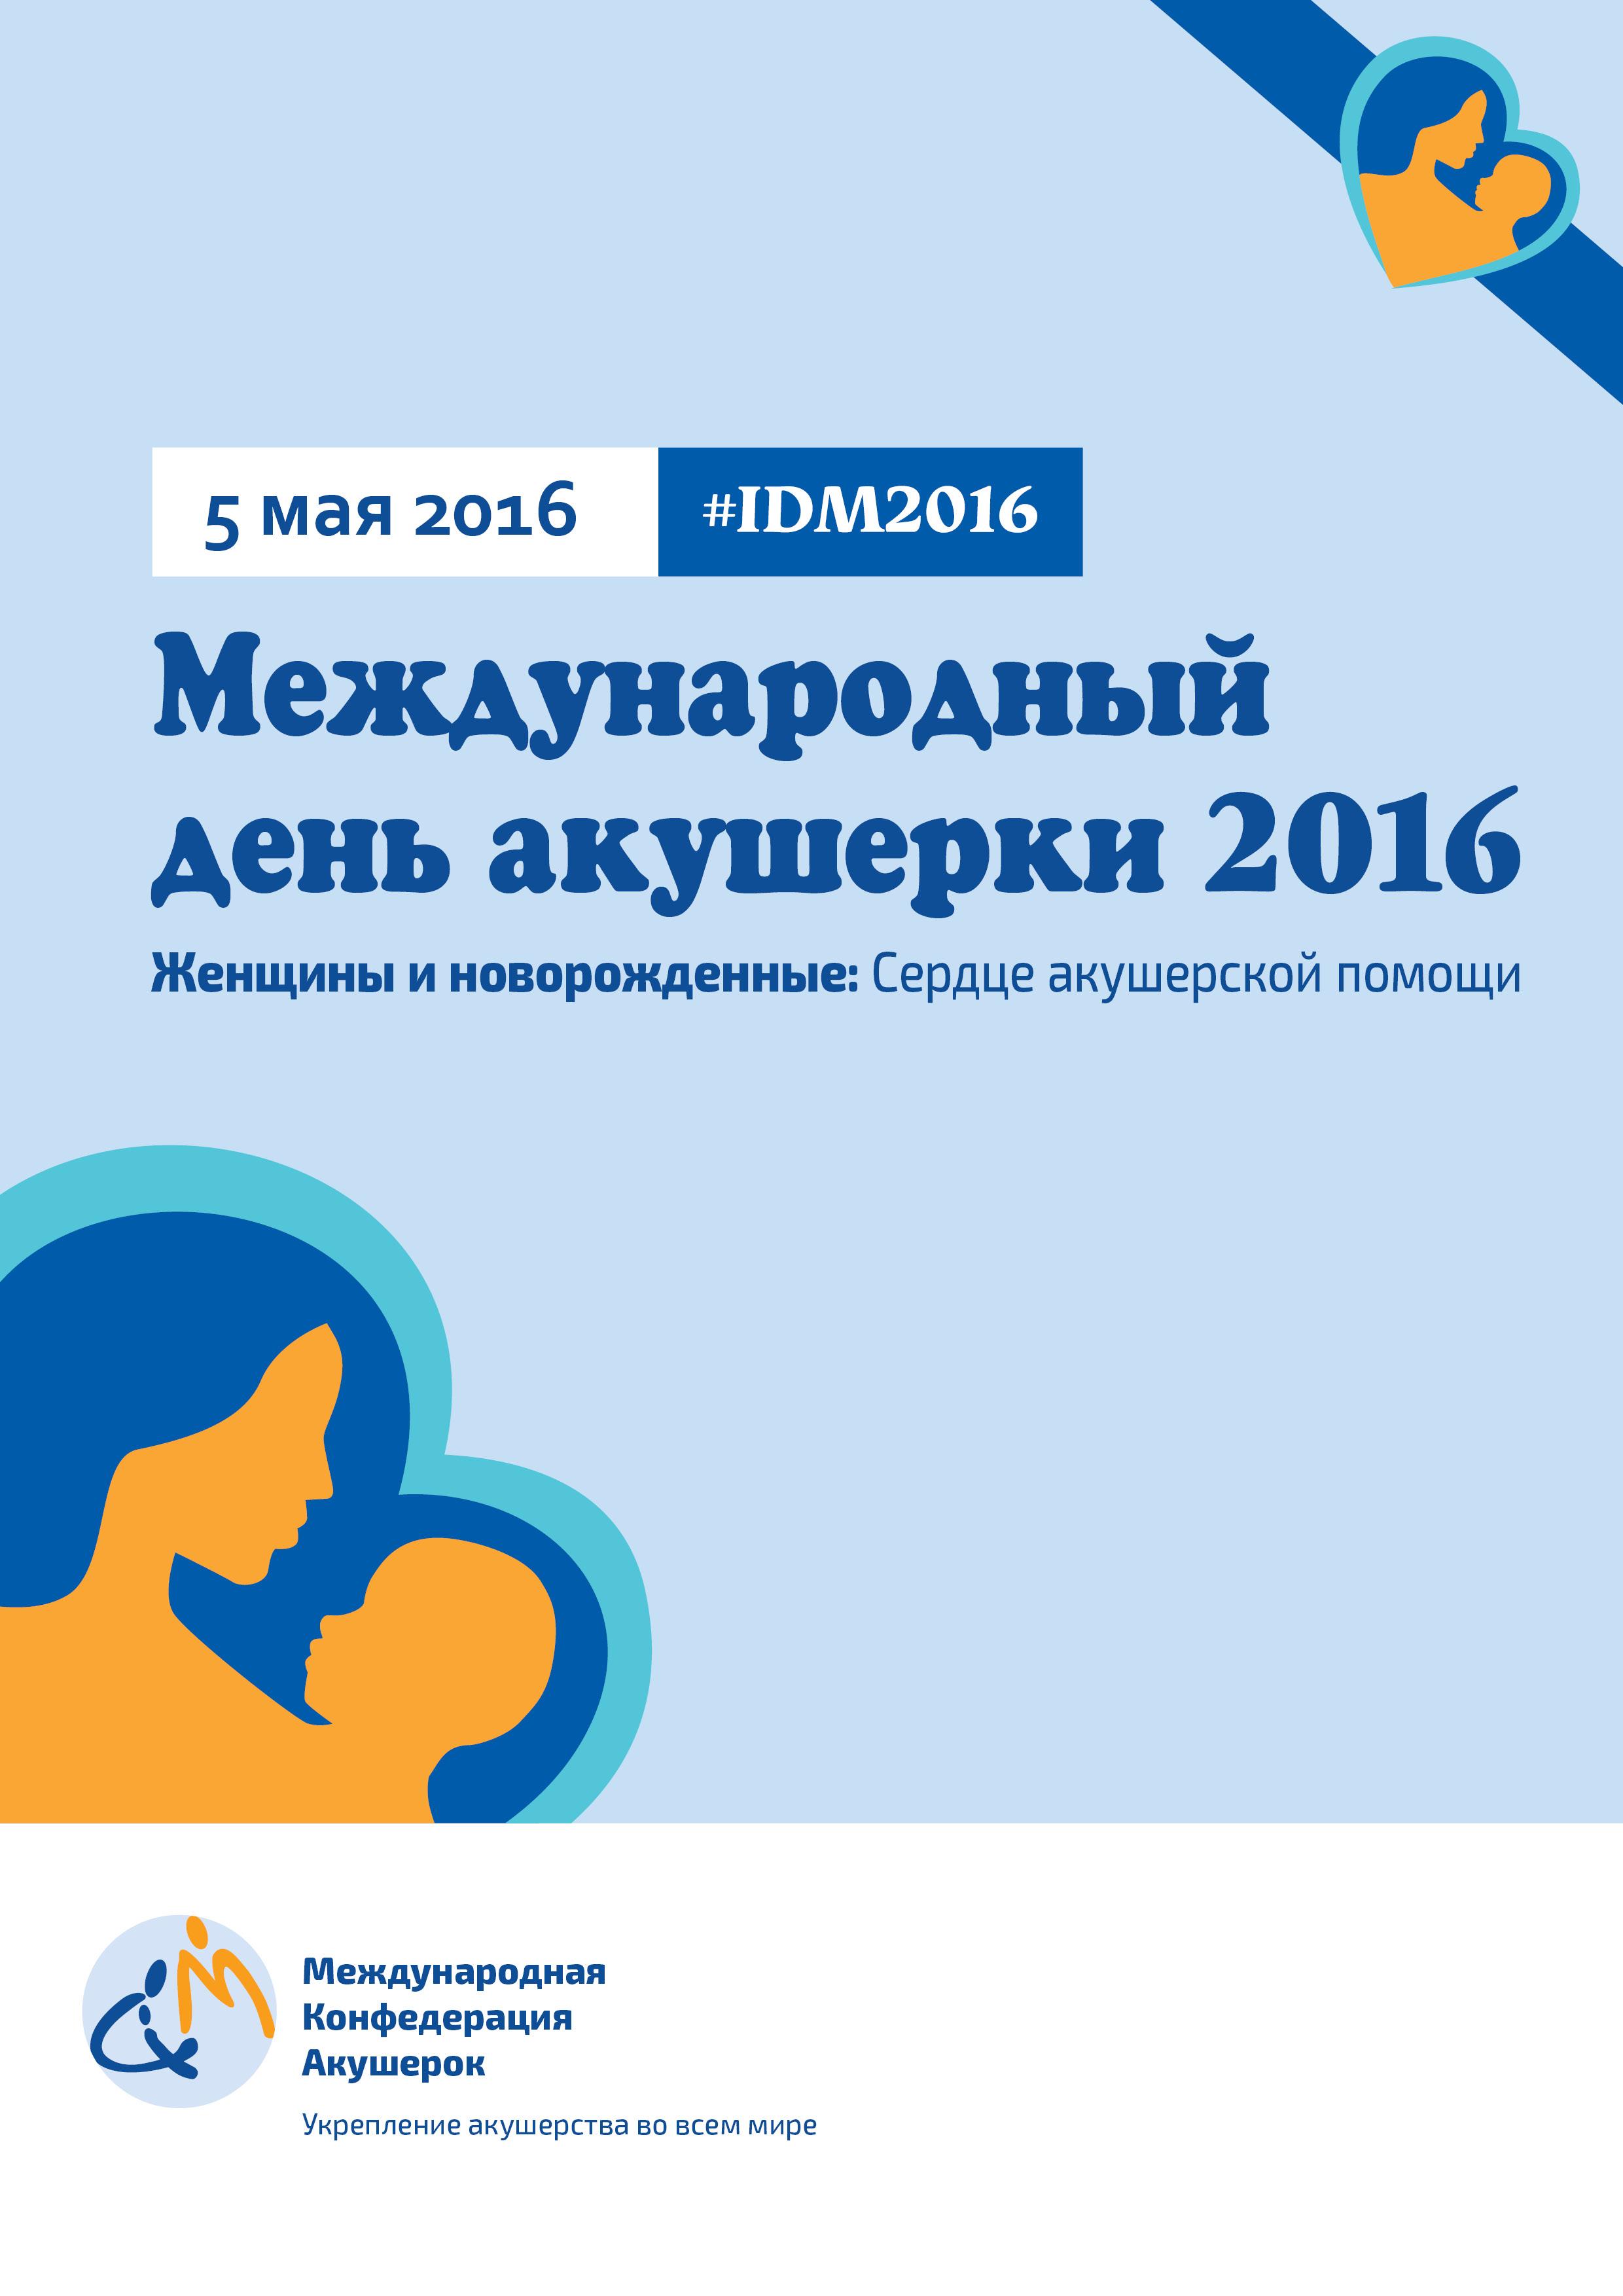 Международный день акушерки 2016